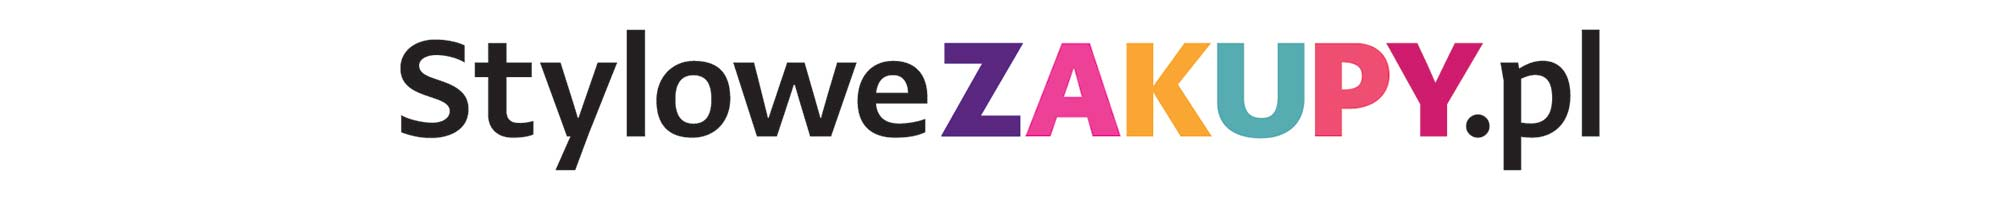 Logo-stylowezakupy